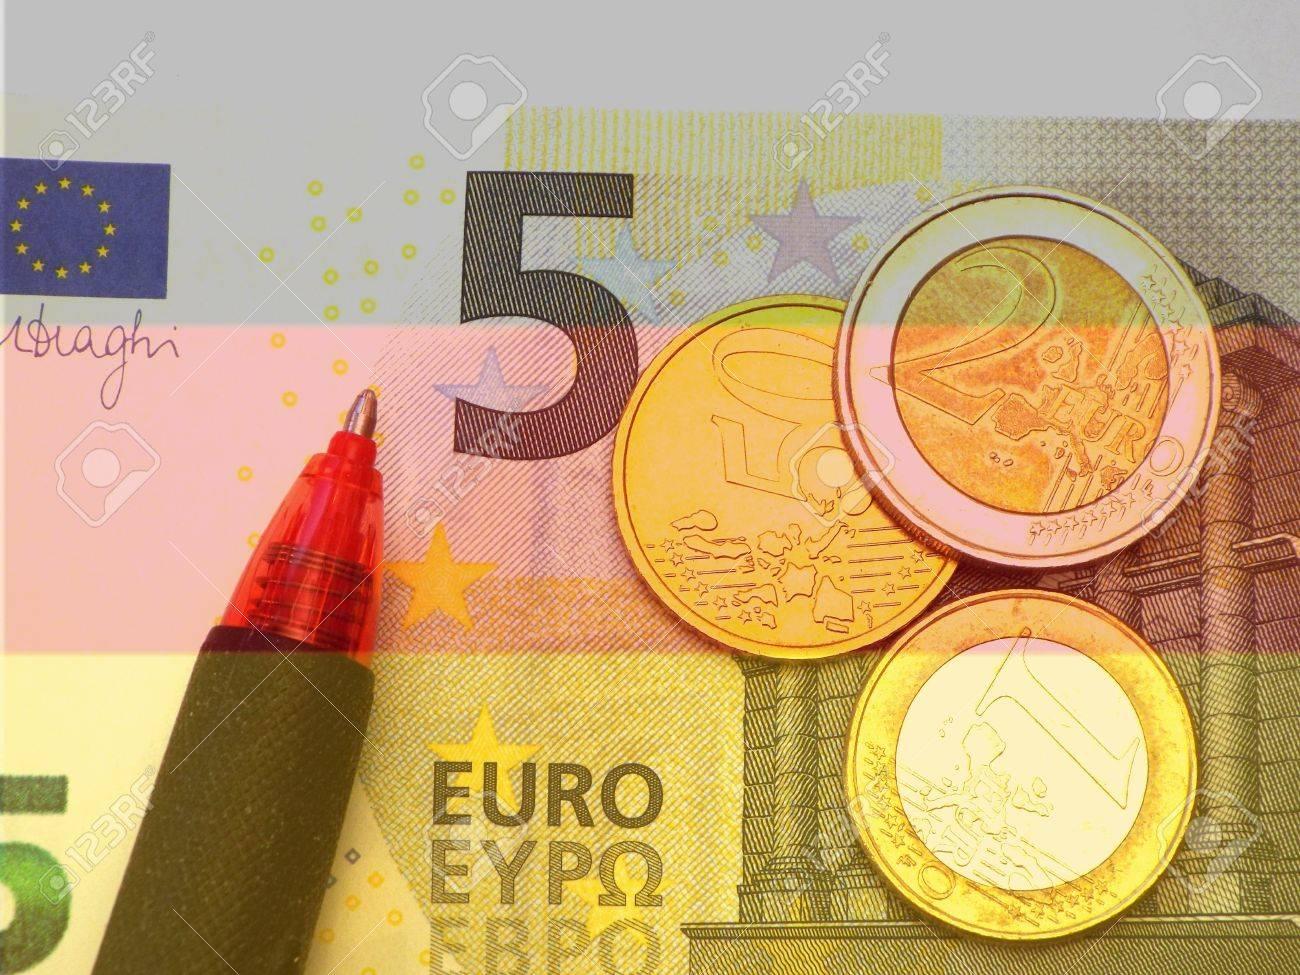 Deutsch Mindestlohn 850 Die Deutsche Mindestlohn Als 5 Euro Schein